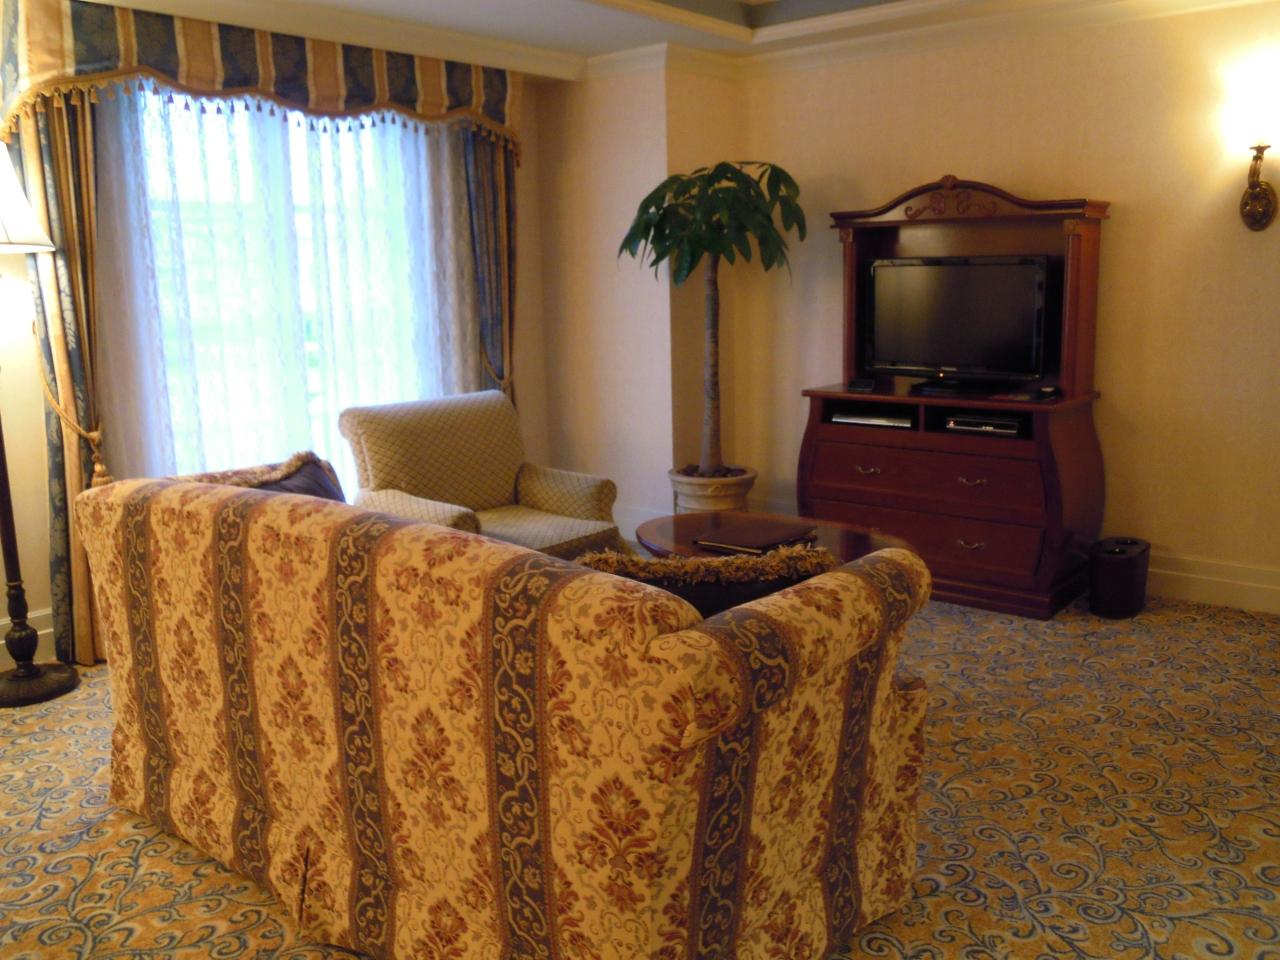 ホテルミラコスタ ポルト・パラディーゾ・サイド スーペリアルームが